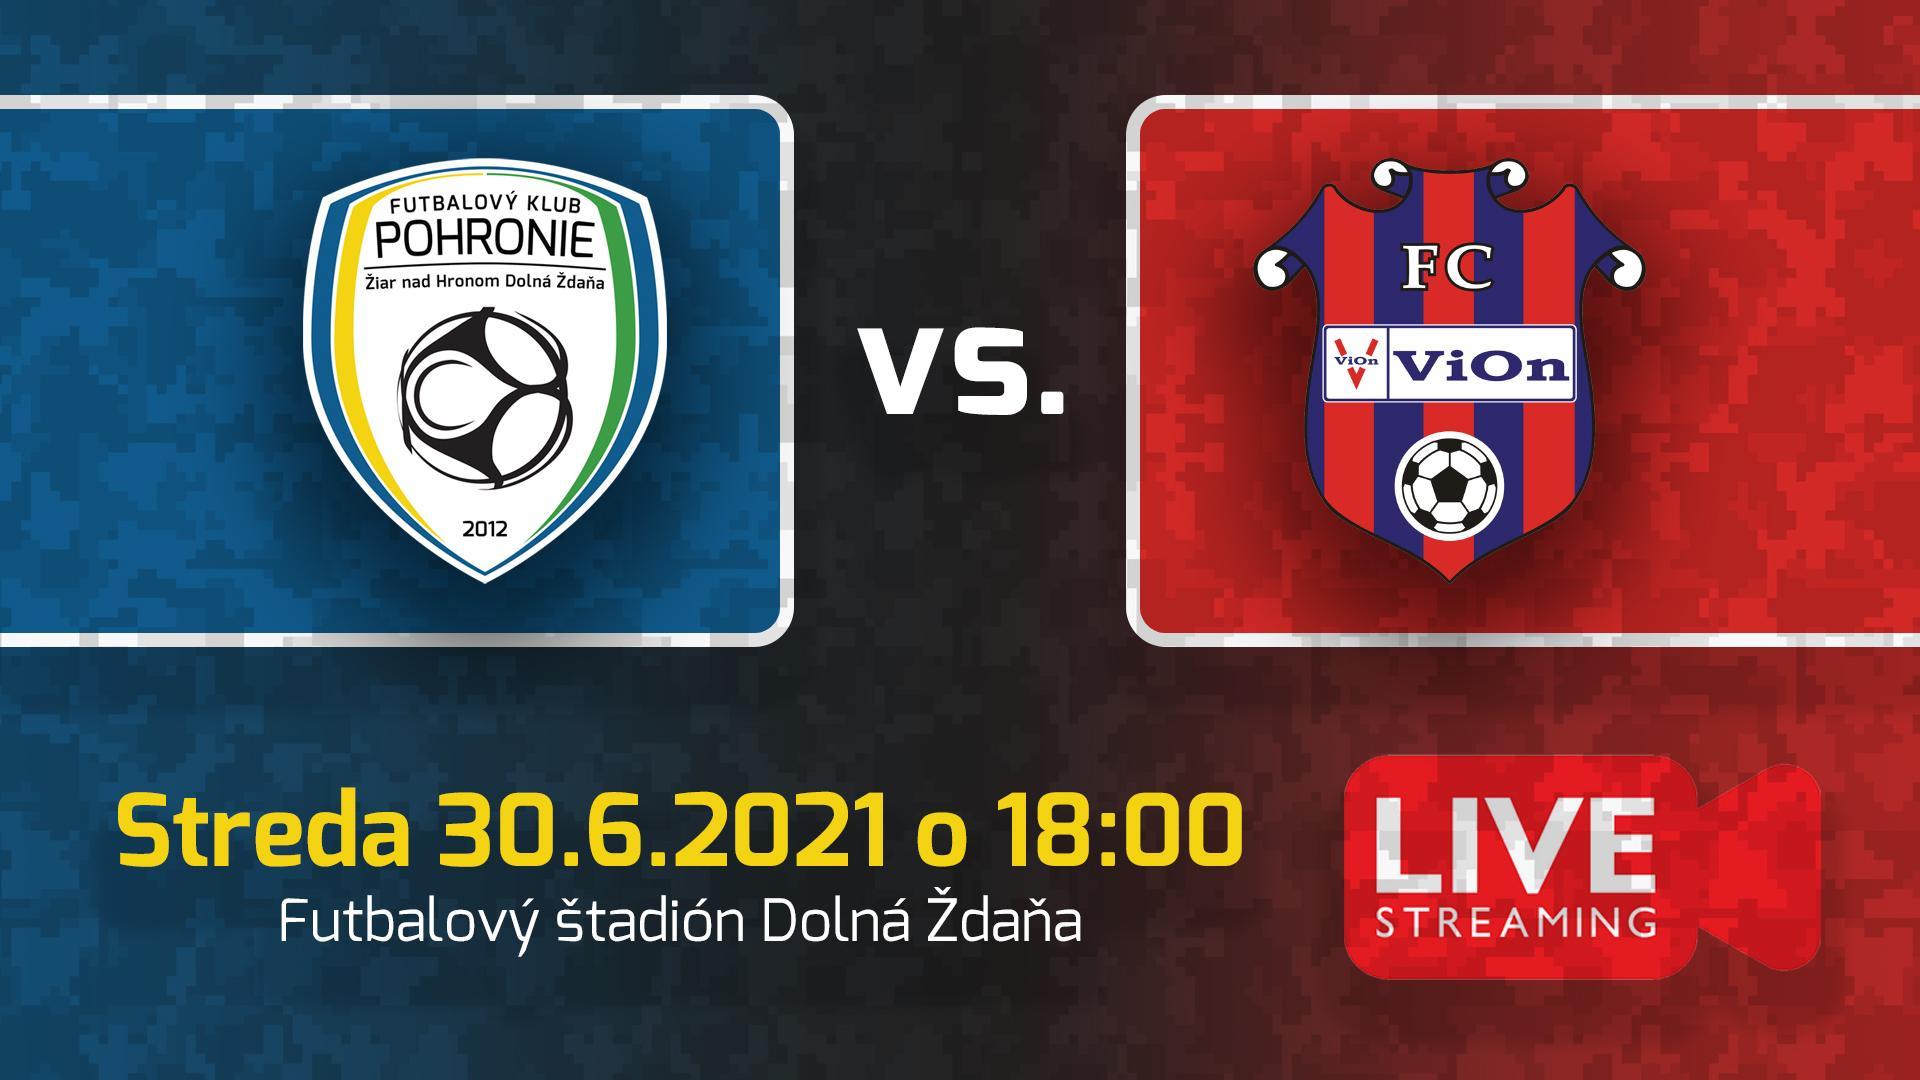 Prípravný zápas proti ViOnu už dnes o 18.00